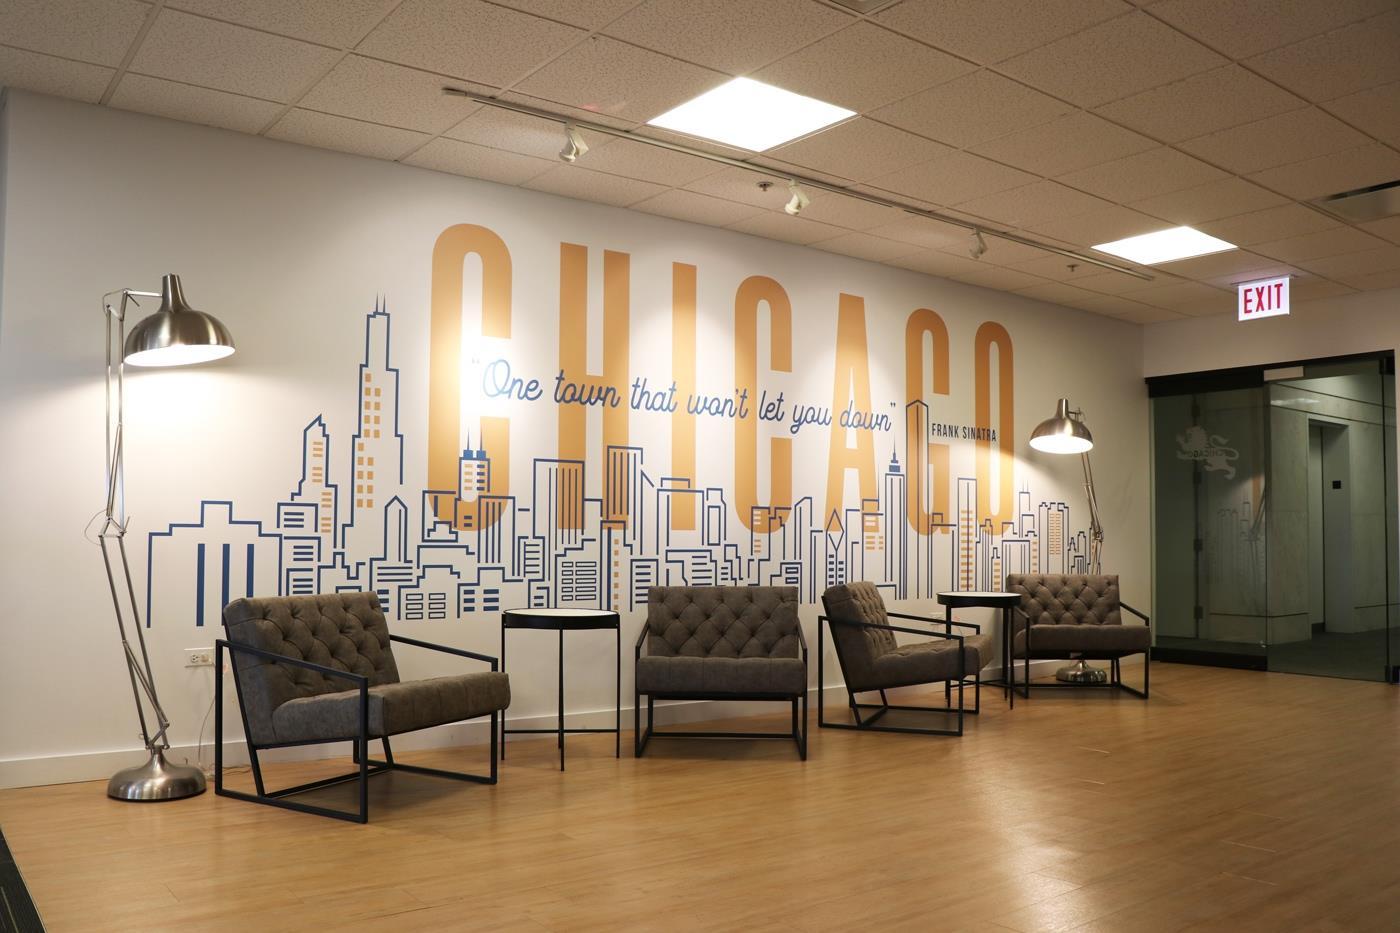 Stafford House Chicago:  全美華人最少且交通最方便的大城市-去芝加哥遊學囉~